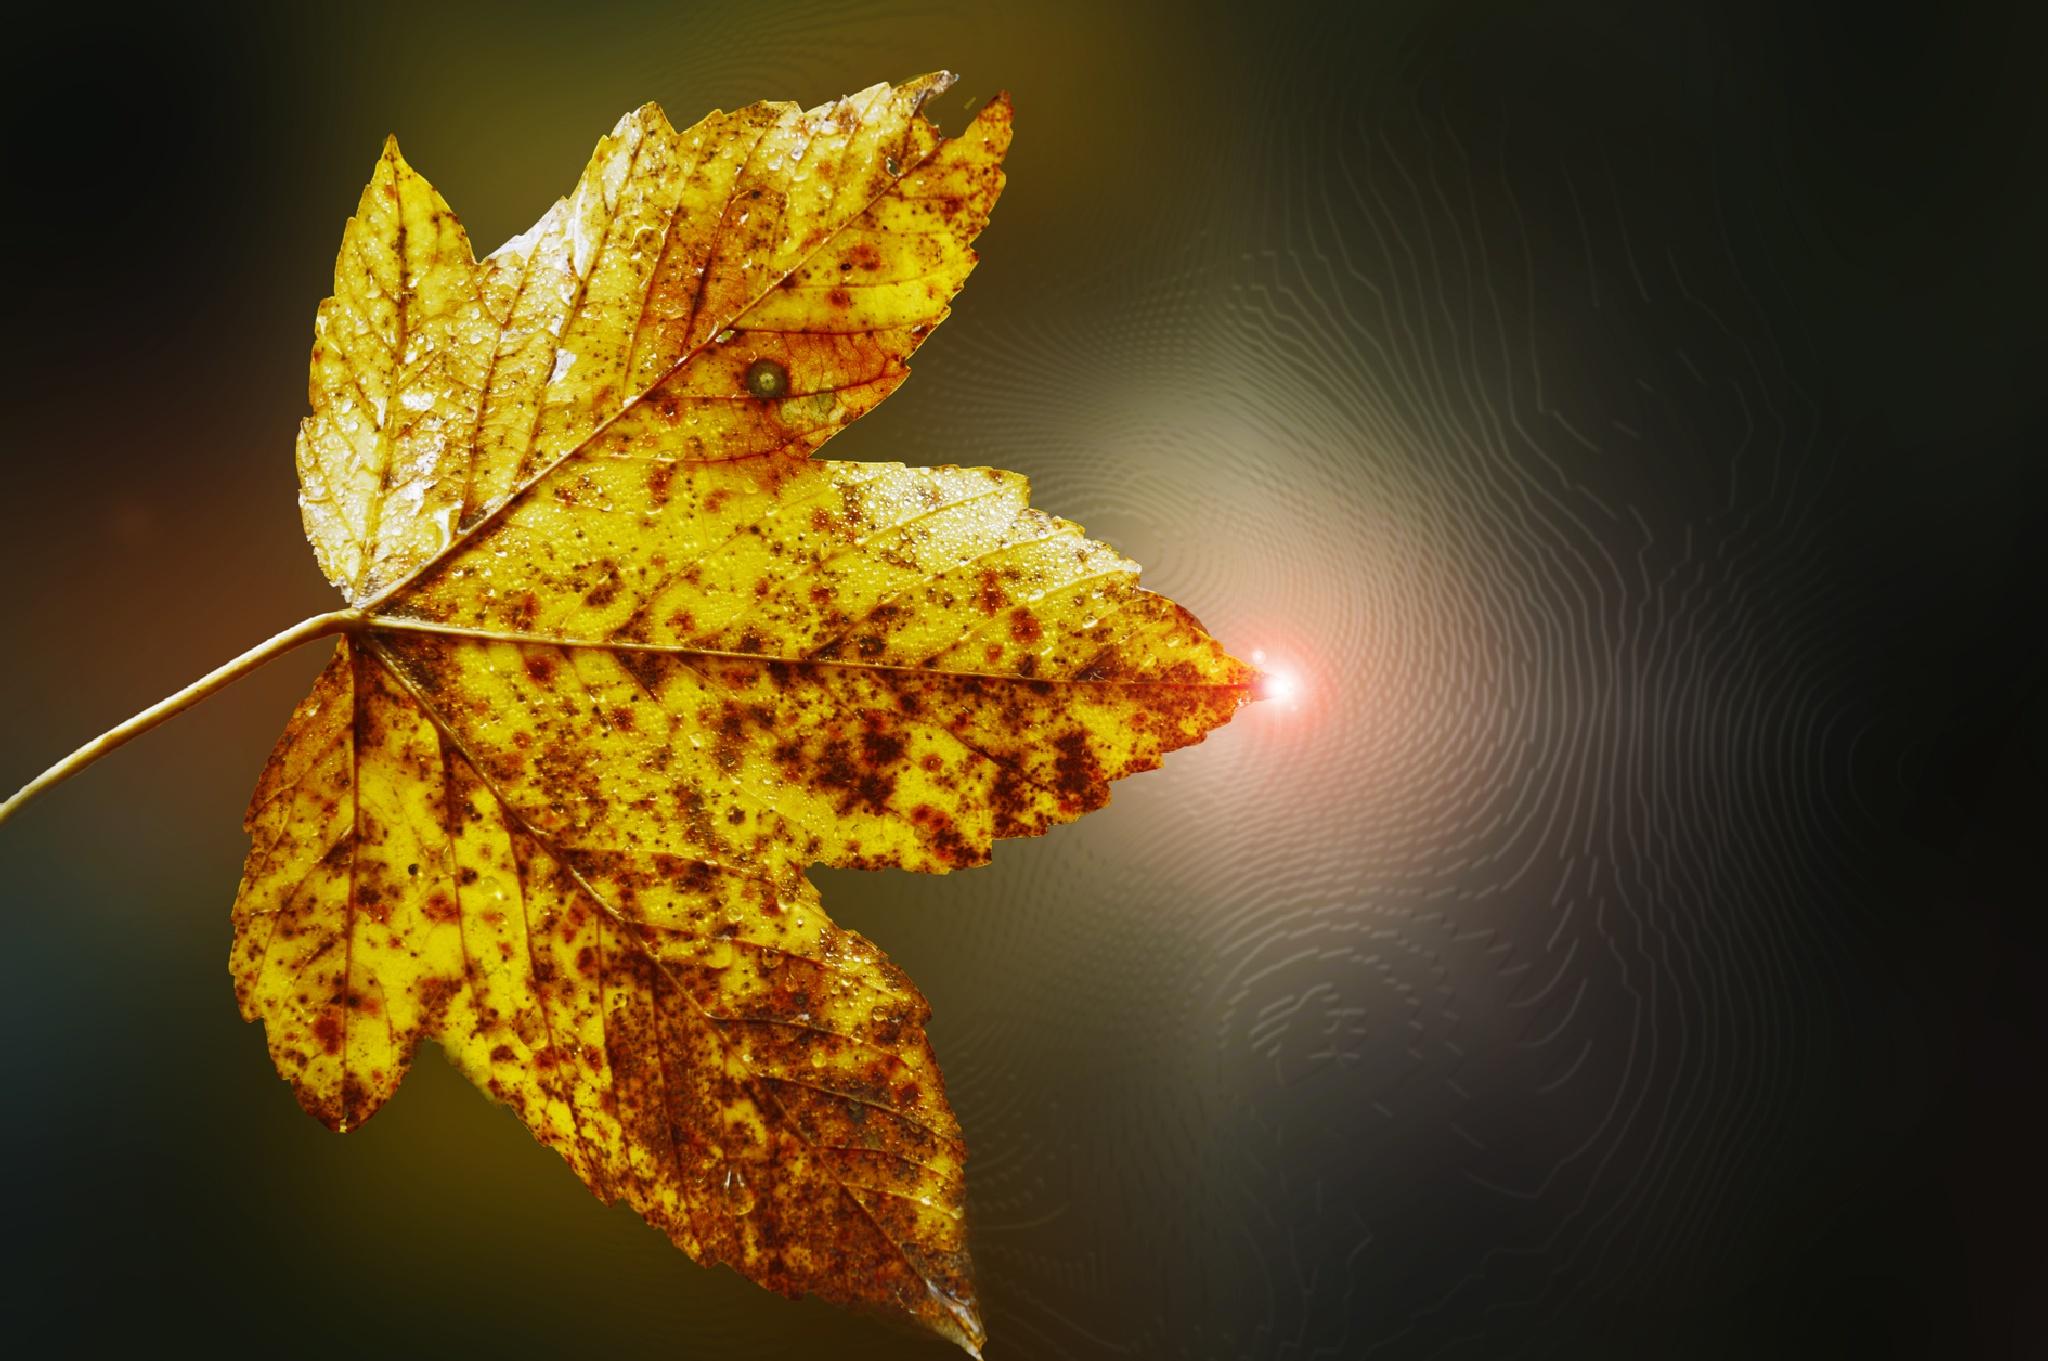 Yellow leaf by Ludmila Shumilova